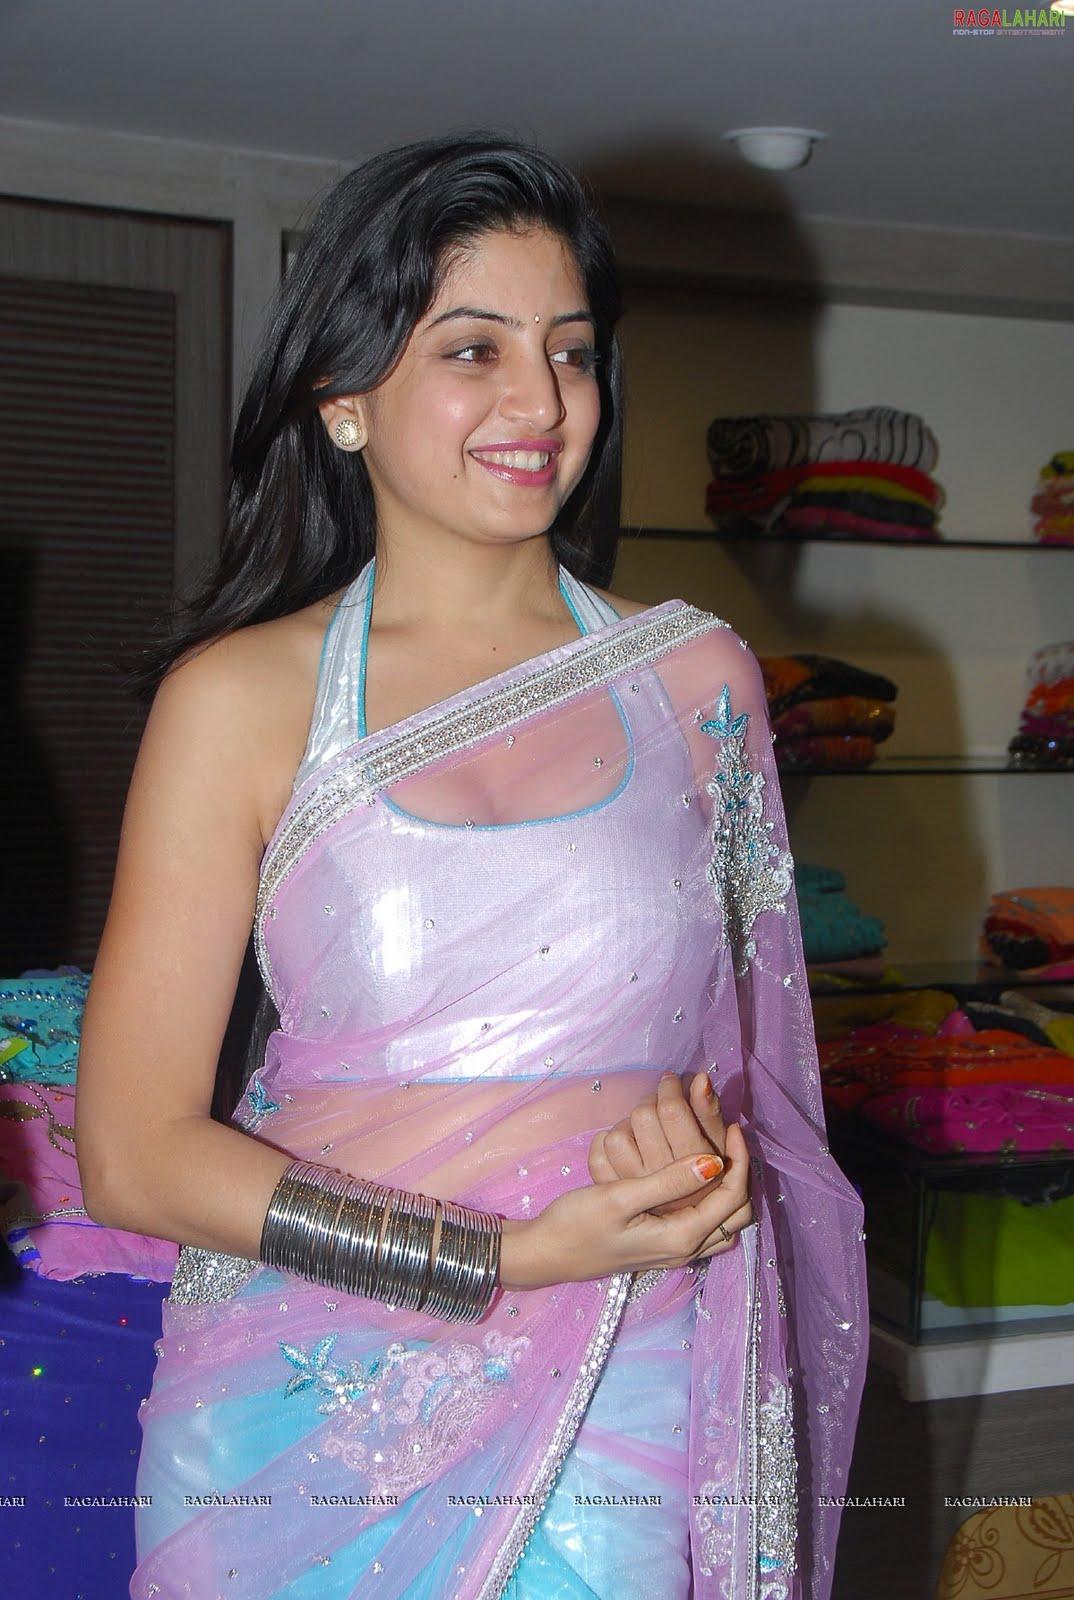 Cute Photos Poonam Kaur Hot In Saree New Photos-5145